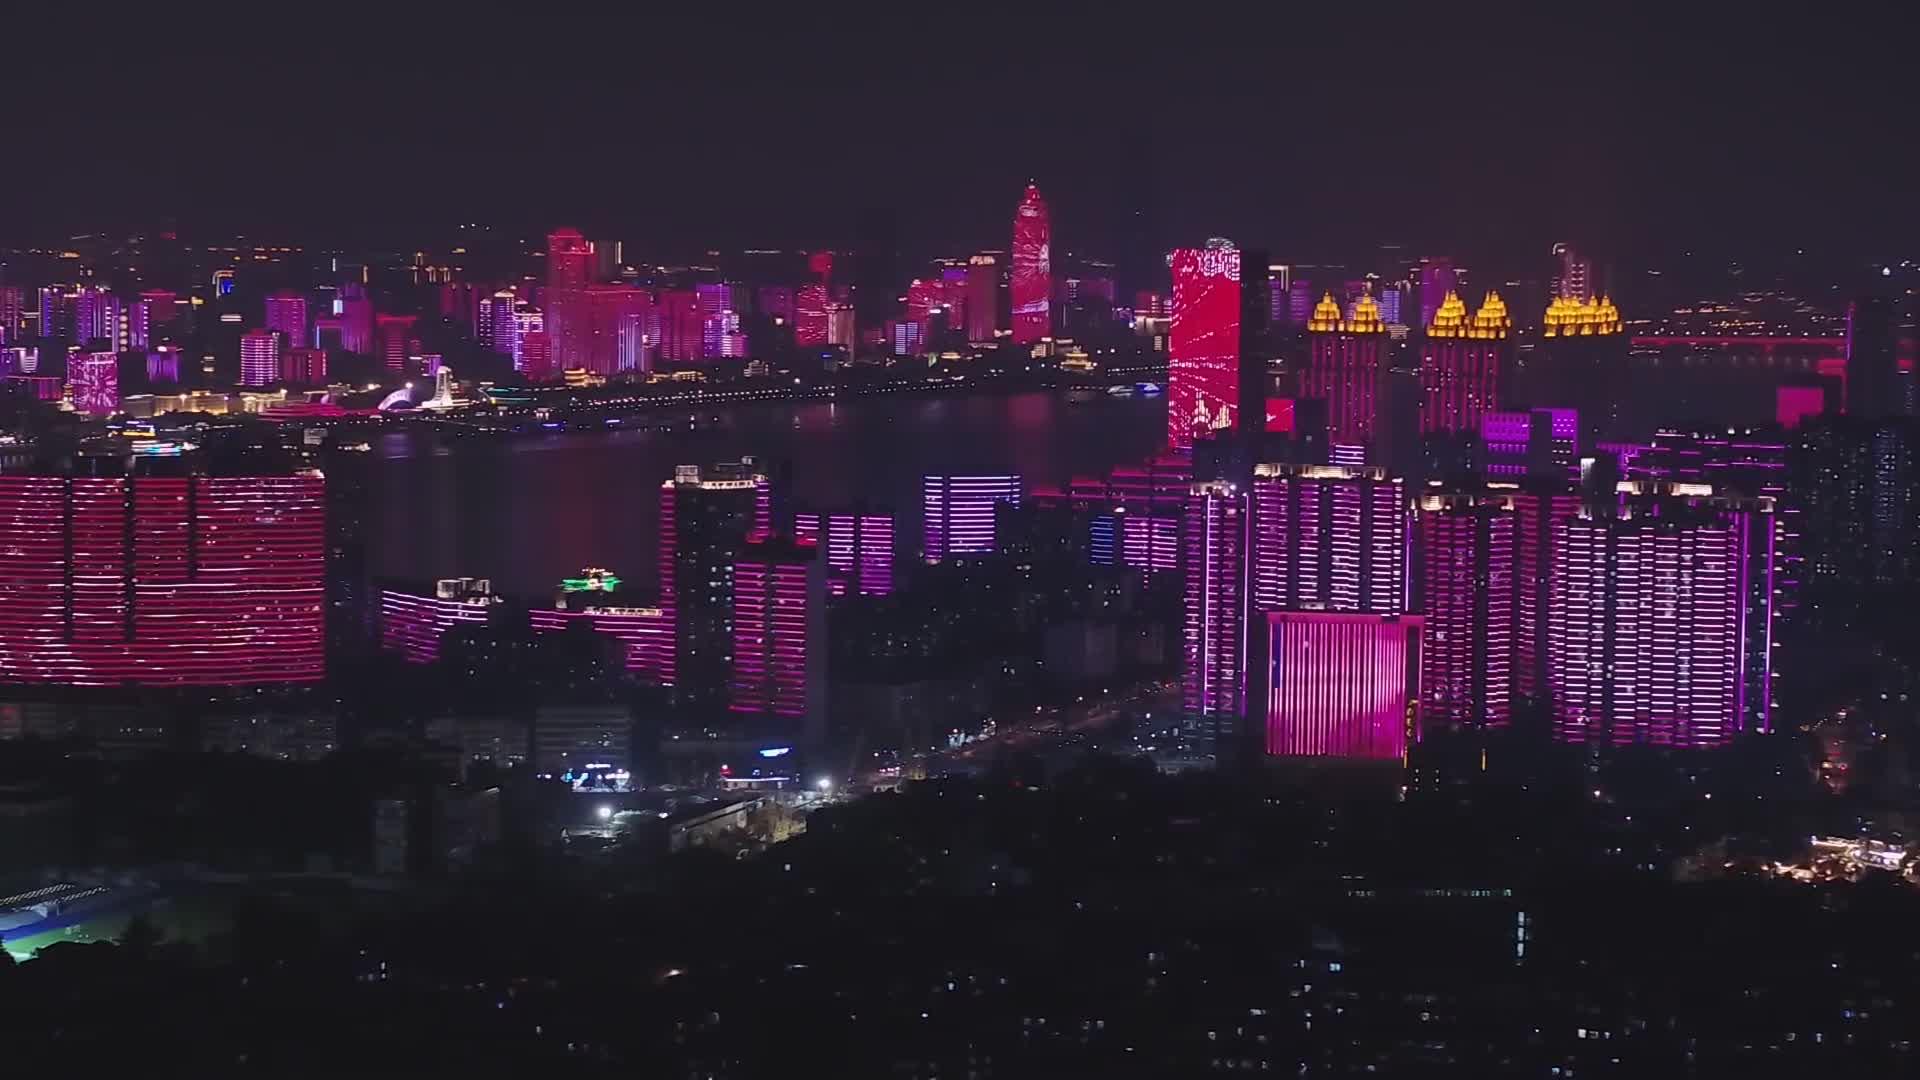 ยิ่งใหญ่! อู่ฮั่นโชว์แสงสียามราตรี ฉลอง 'พรรคคอมมิวนิสต์จีน' ครบ 100 ปี